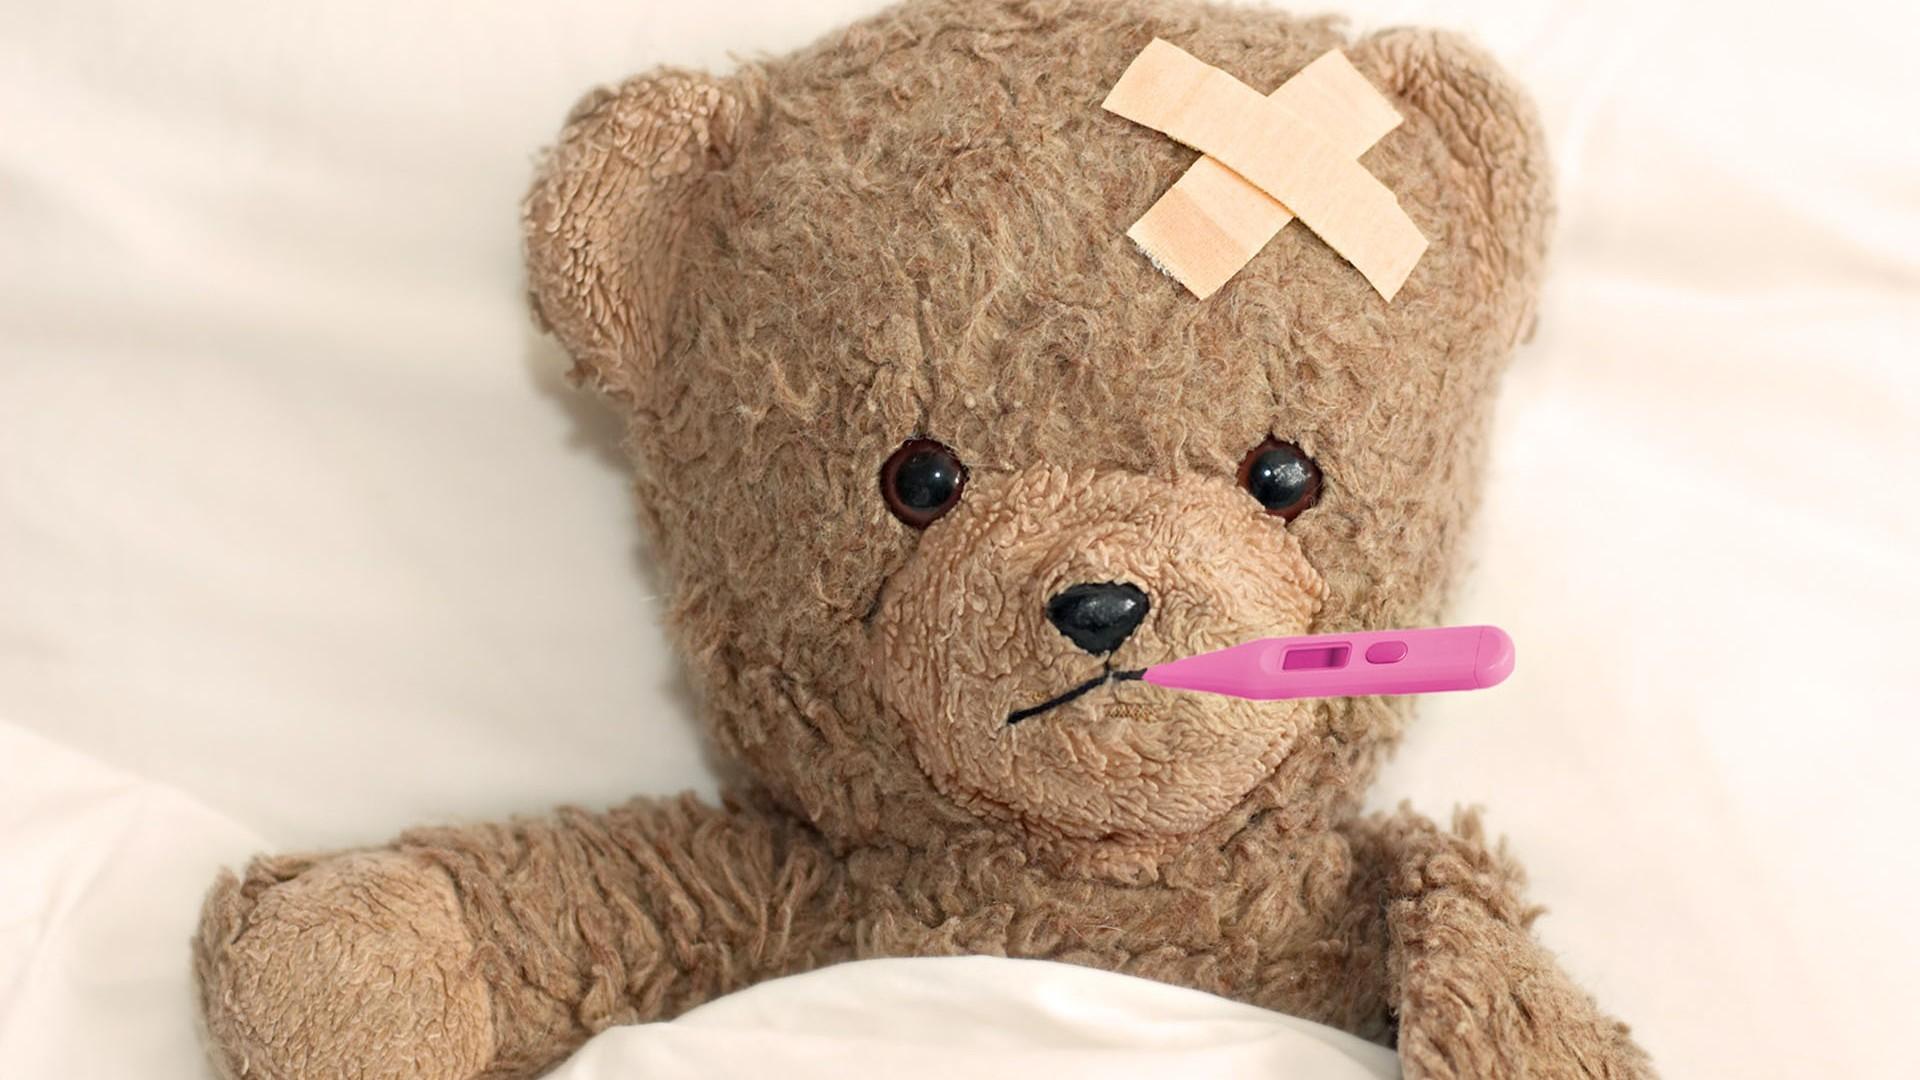 Res: 1920x1080, Sad Sick Teddy Bear Wallpaper